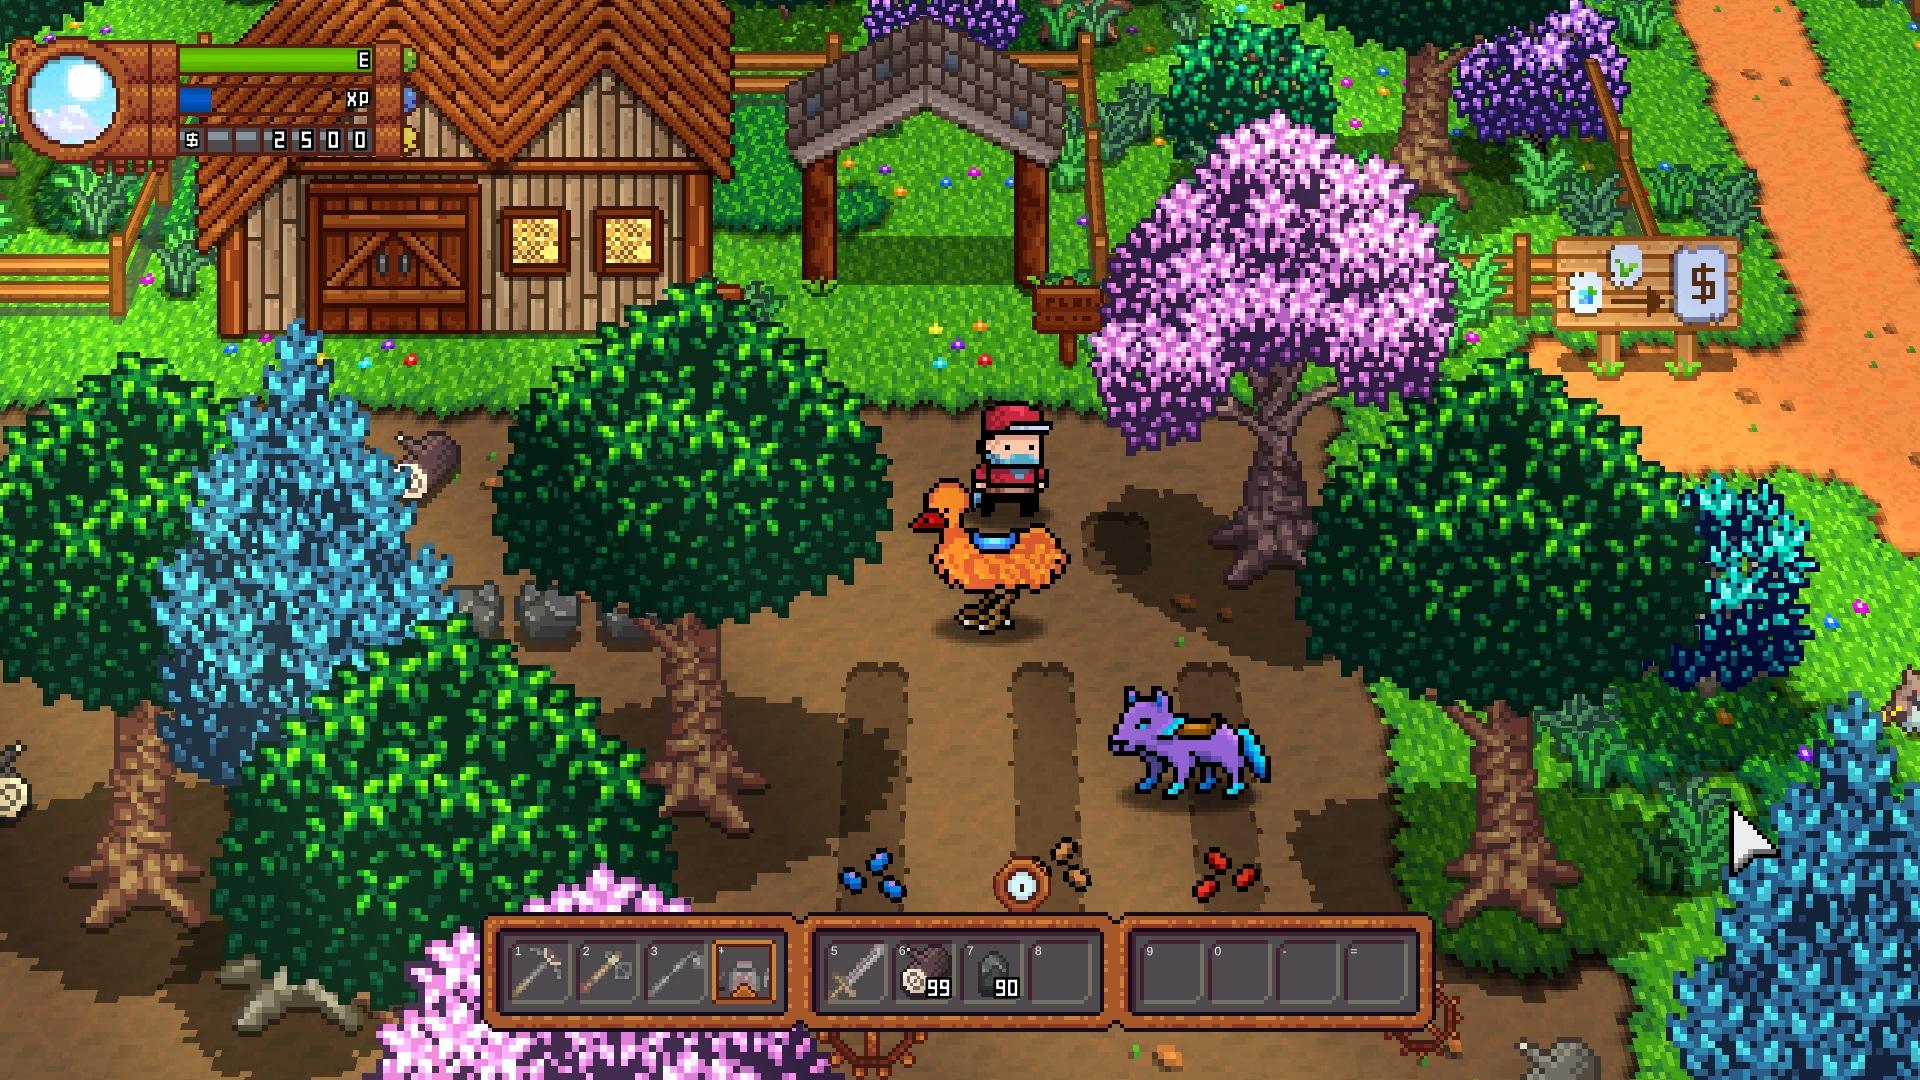 Monster Harvest Dev Diary Dettagli Nuove funzionalità, suggerimenti per l'agricoltura, prima del lancio del 19 agosto su PC e console!